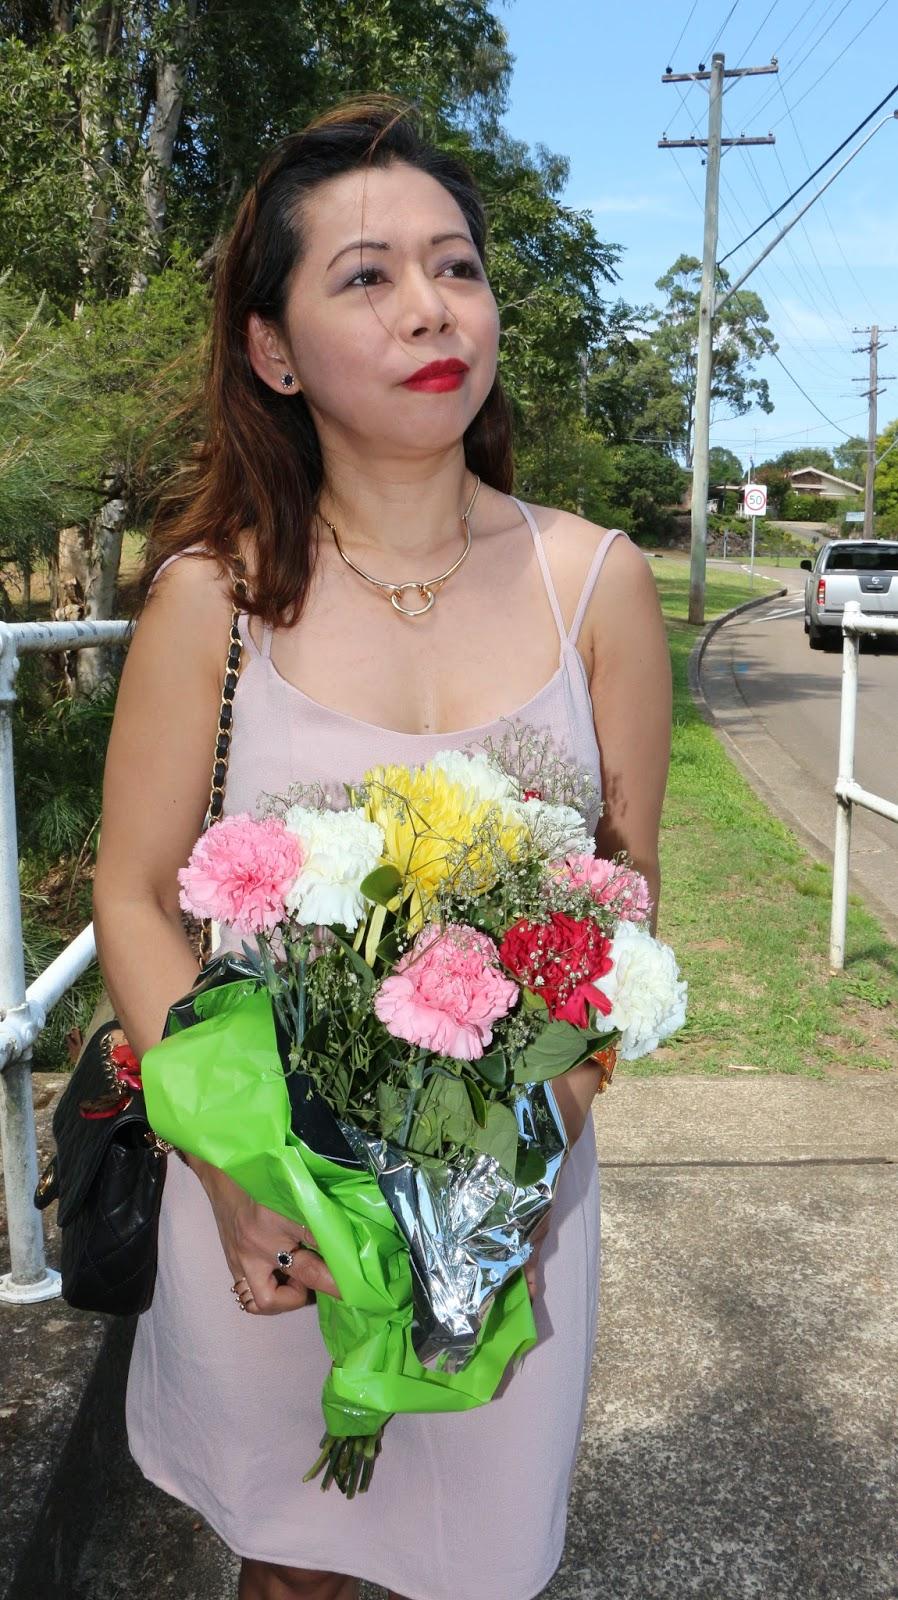 Tobi blush dress